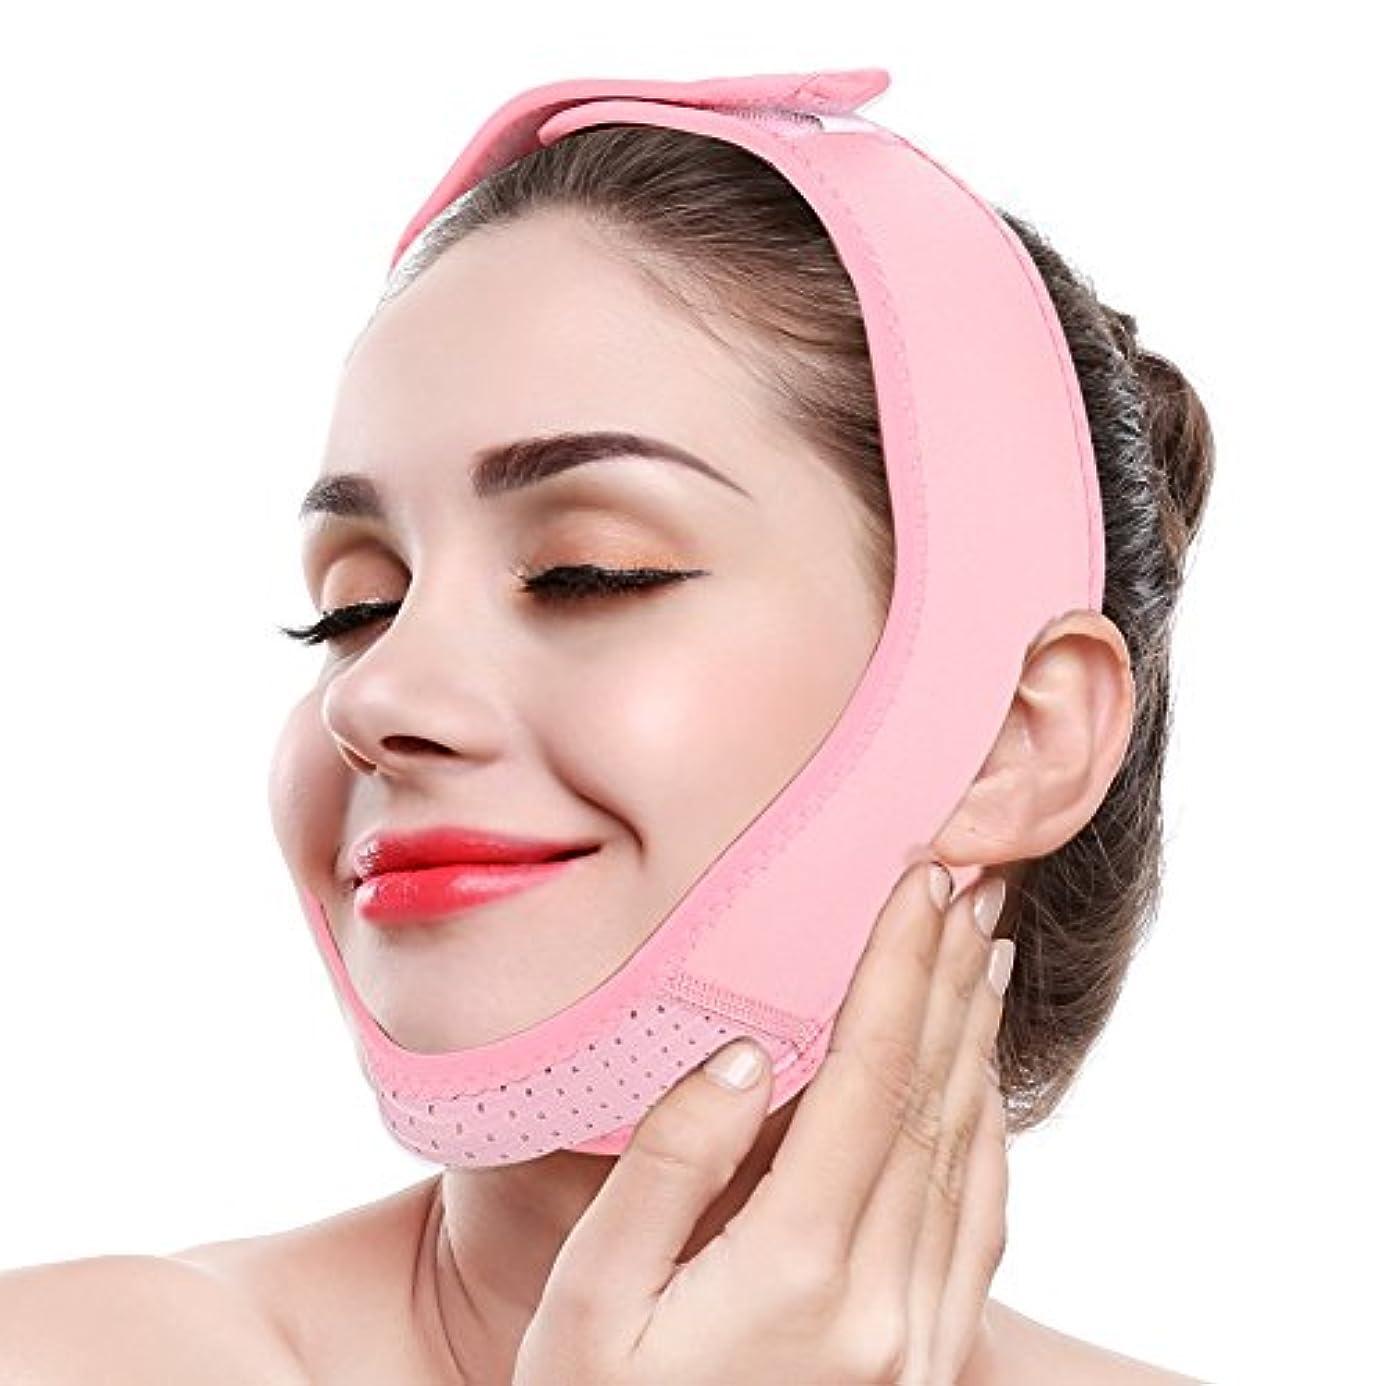 航空会社で出来ているシーボードフェイシャル痩身マスク痩身包帯フェイシャルダブルチンケア減量フェイスベルト、Vラインマスクチークチンリフティングバンド、アンチエイジング&フェイス通気性コンプレッションチンバンダッグ